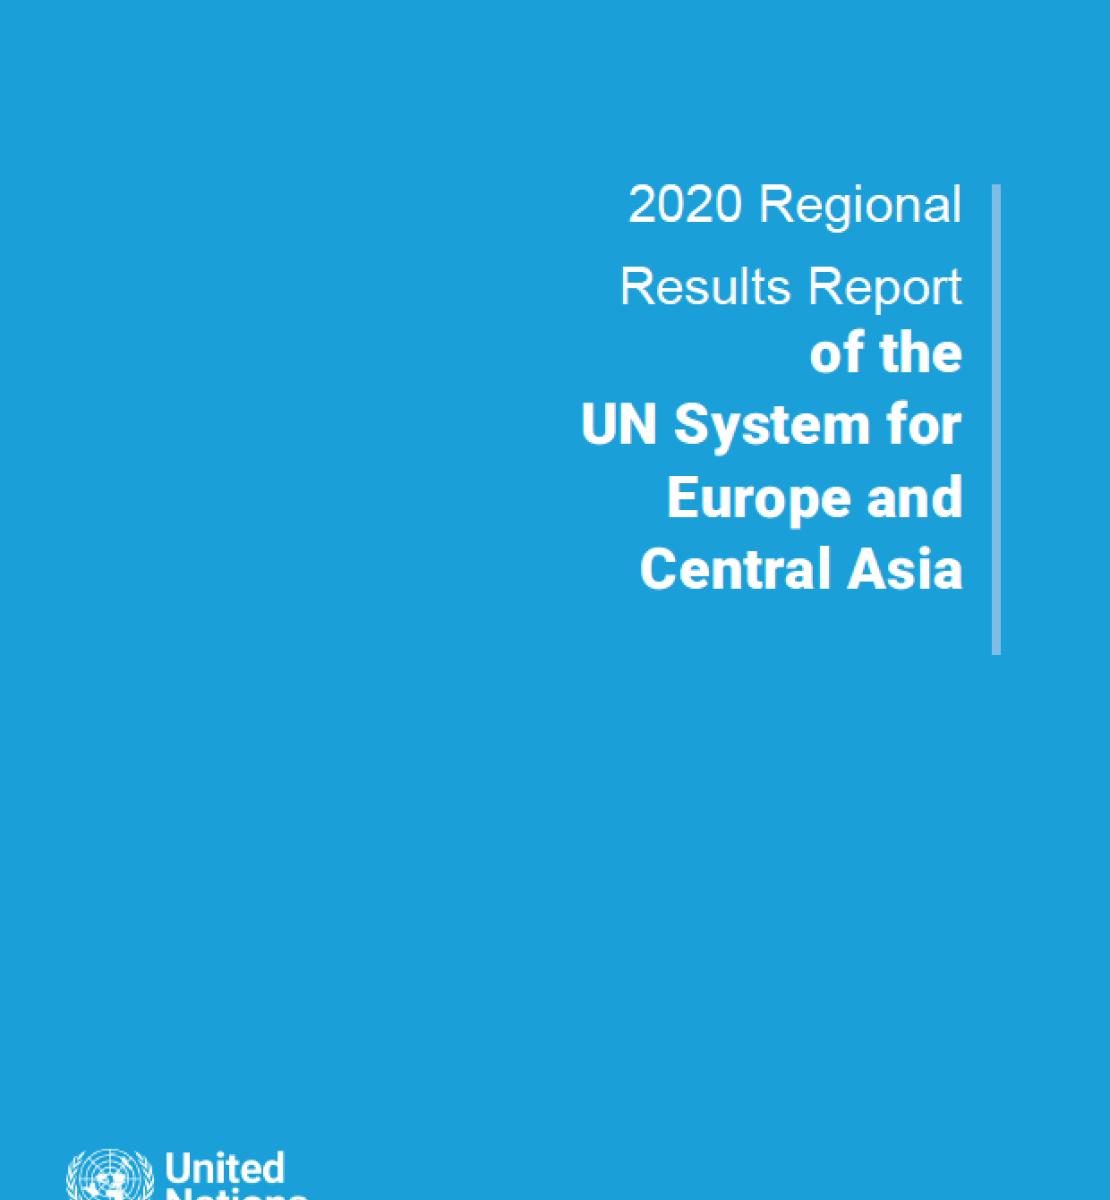 La cubierta azul muestra el título del informe en blanco con el emblema de la ONU en la parte inferior izquierda.